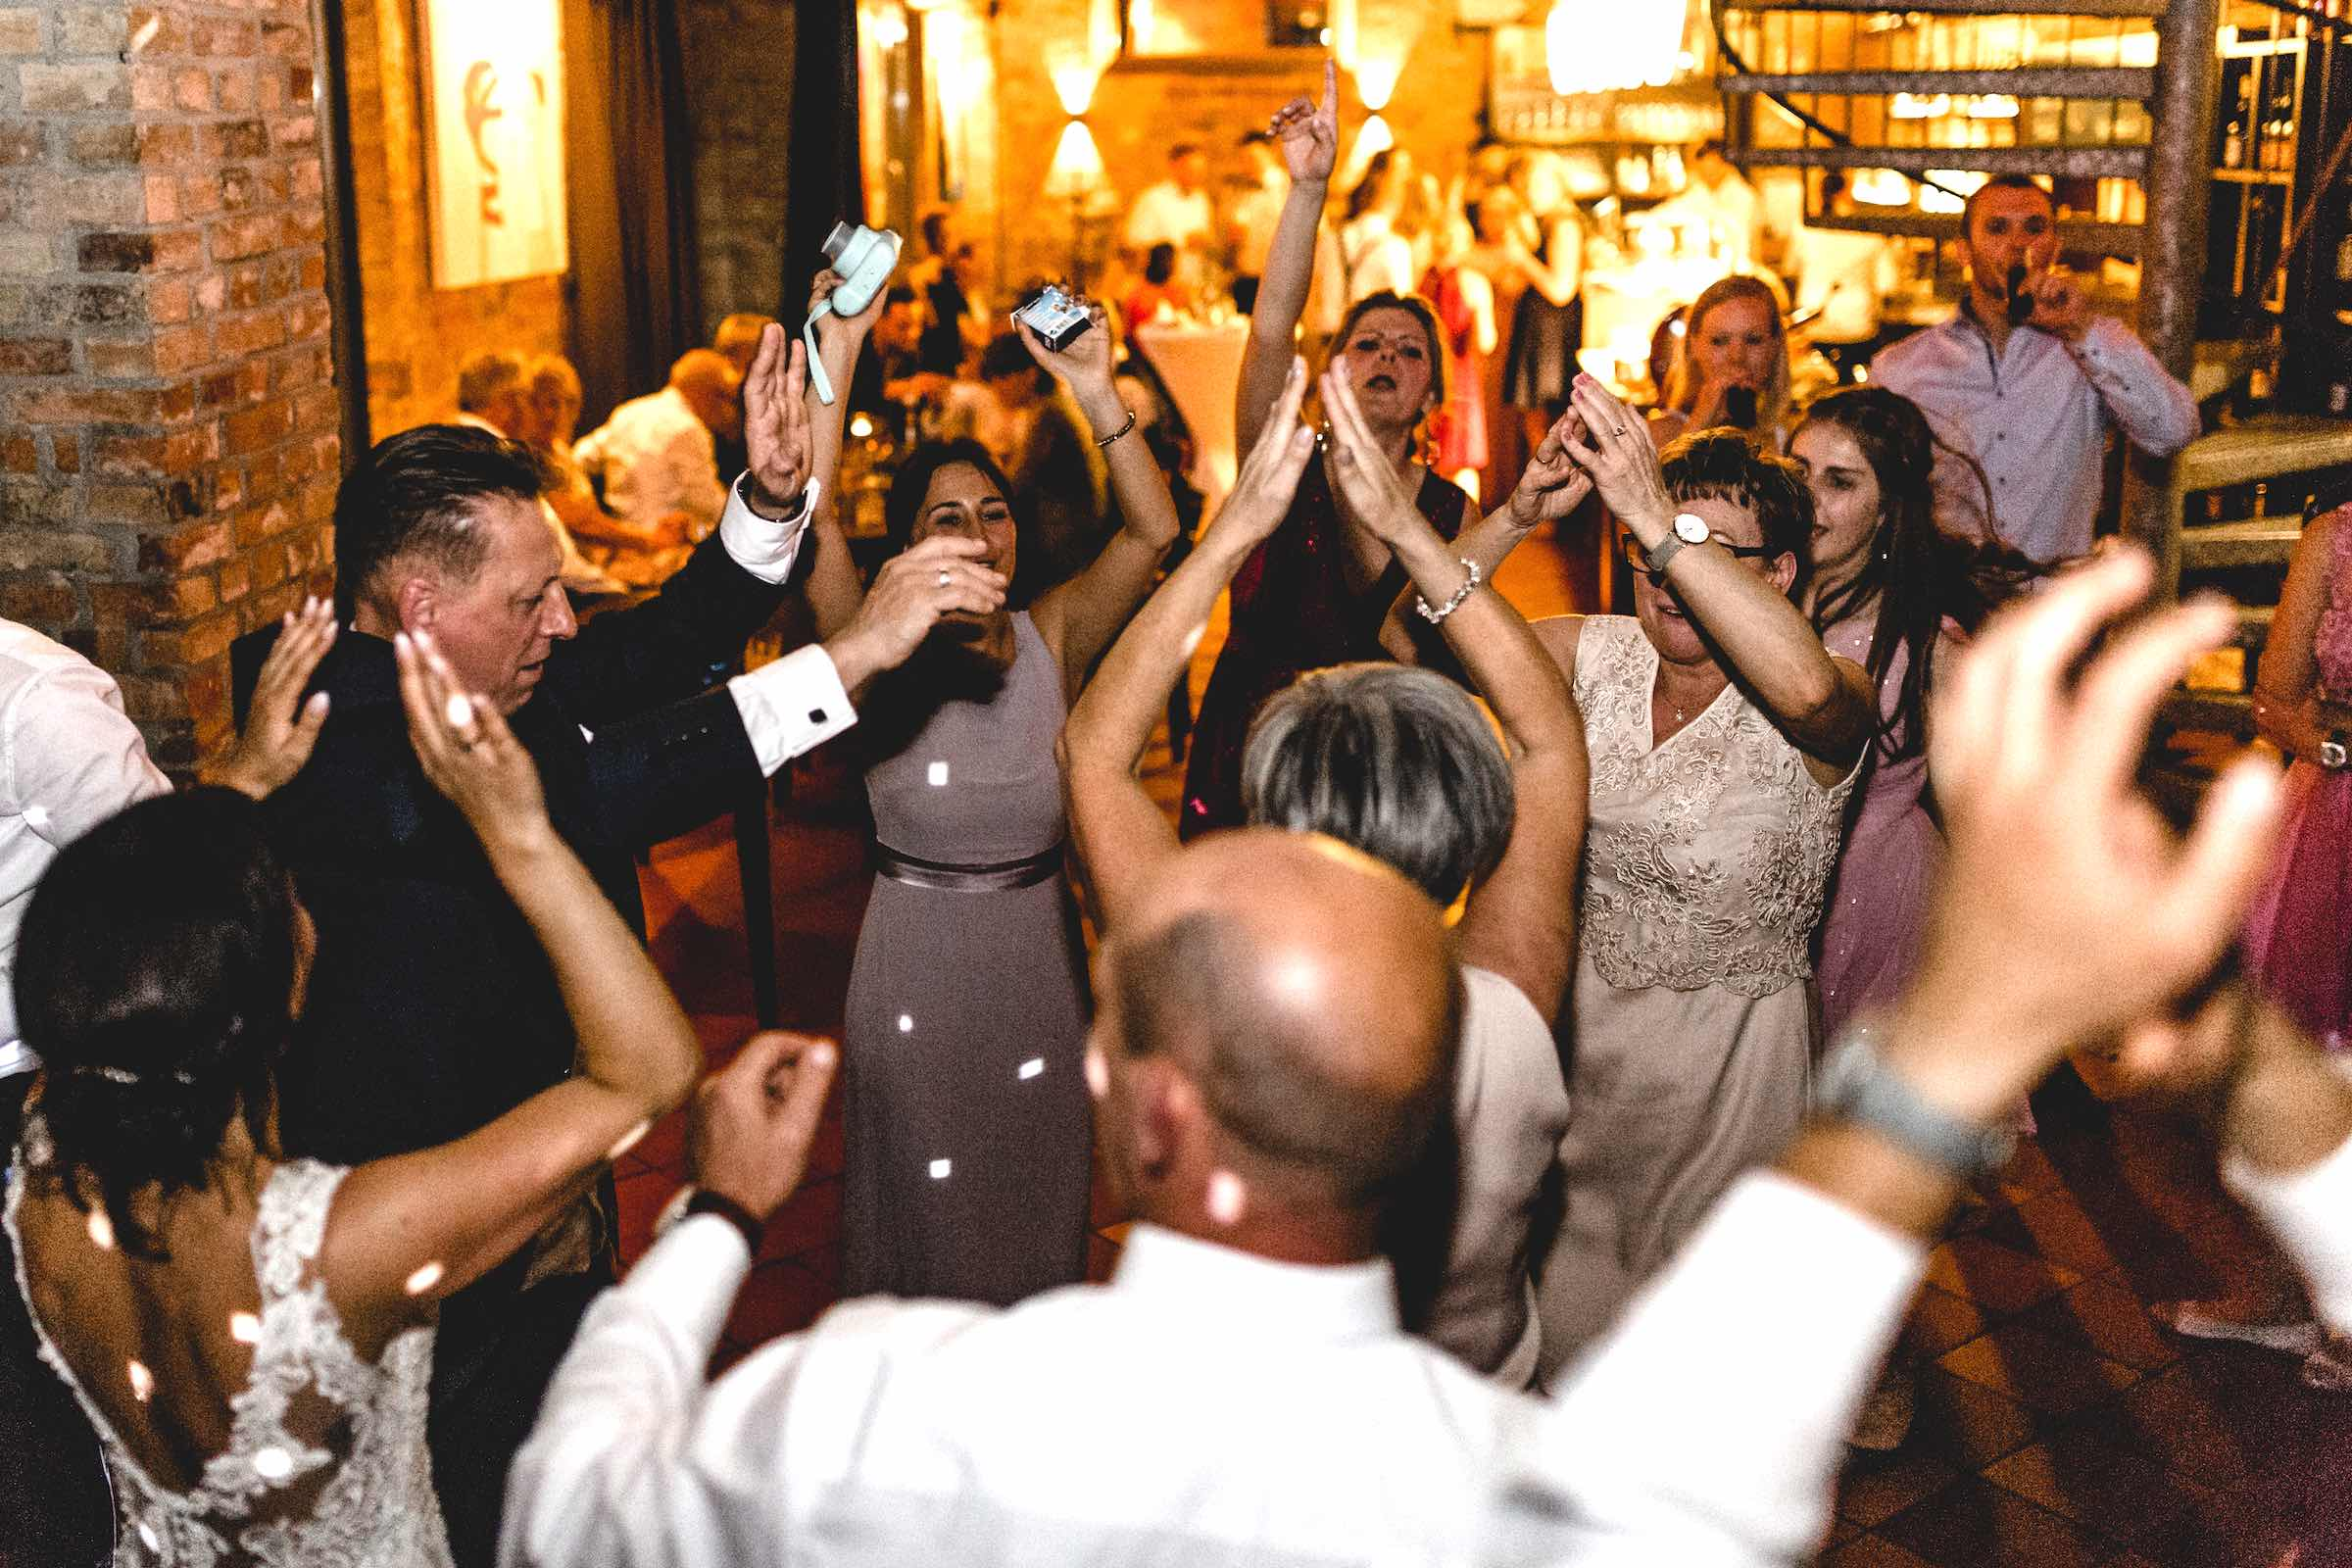 DJ | Hochzeit | DJ | Agentur | Hochzeits | DJ | Messe | DJ | Firmenevent | Firmenfeier | DJ | Geburtstag | Discjockey | Weihnachtsfeier | DJ | Sommerfest | Event | Buchen | Mieten | Lehmann | Eventservice